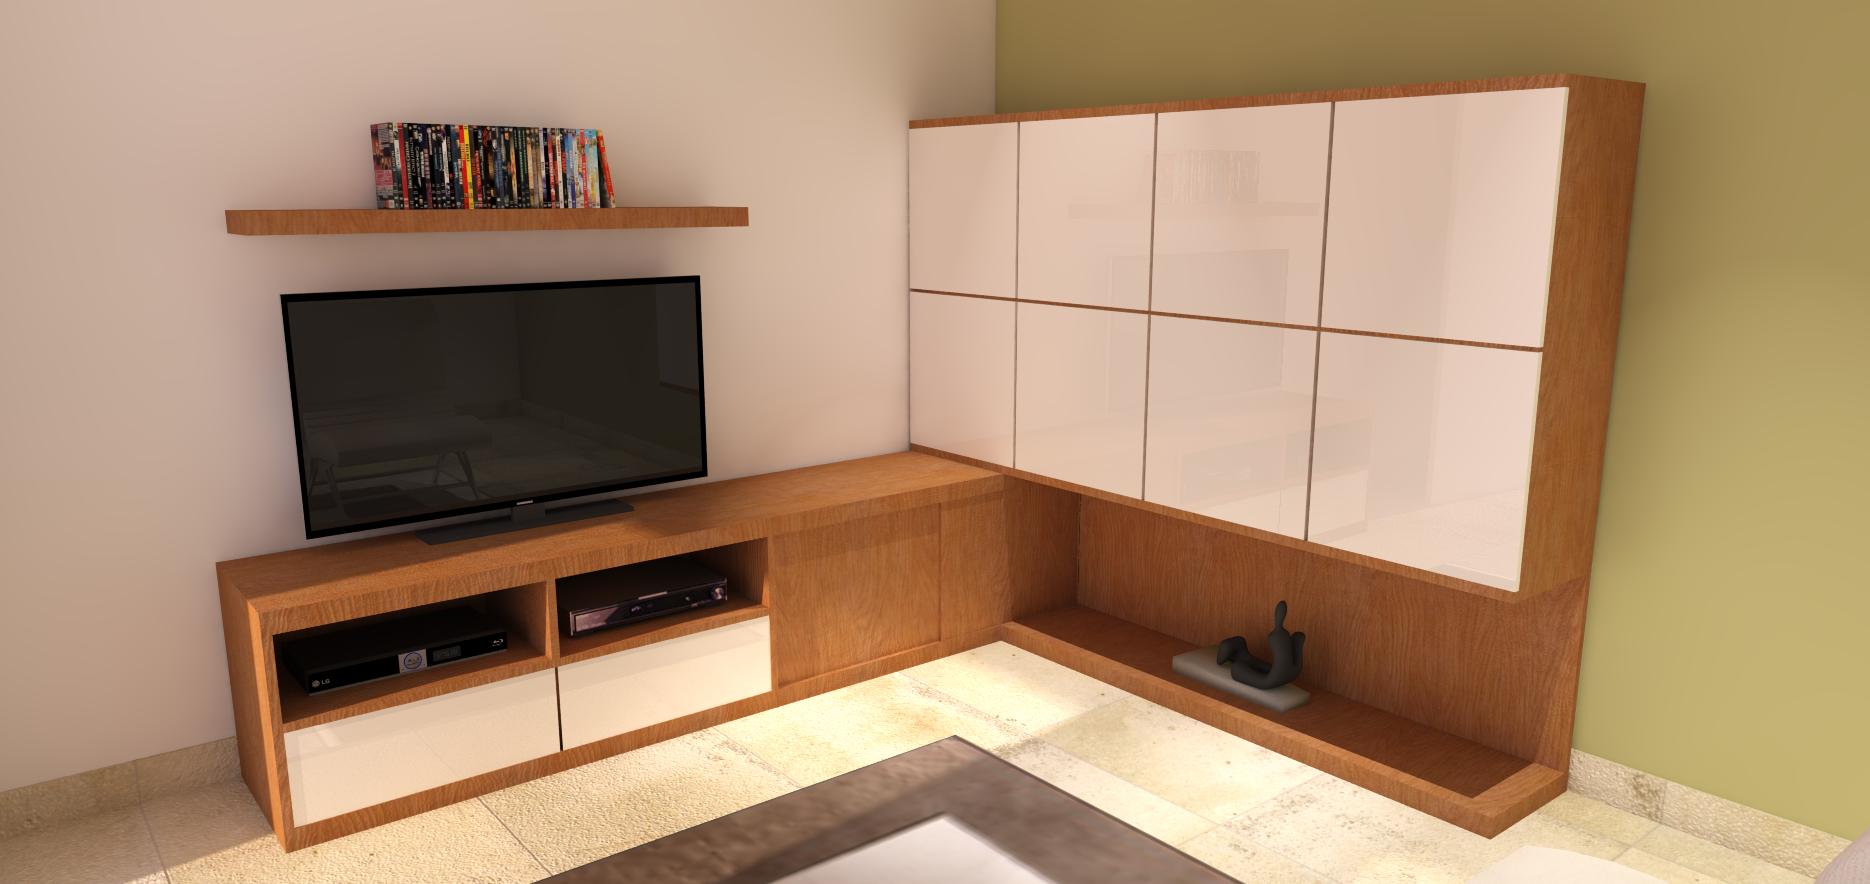 Muebles de estudio 43